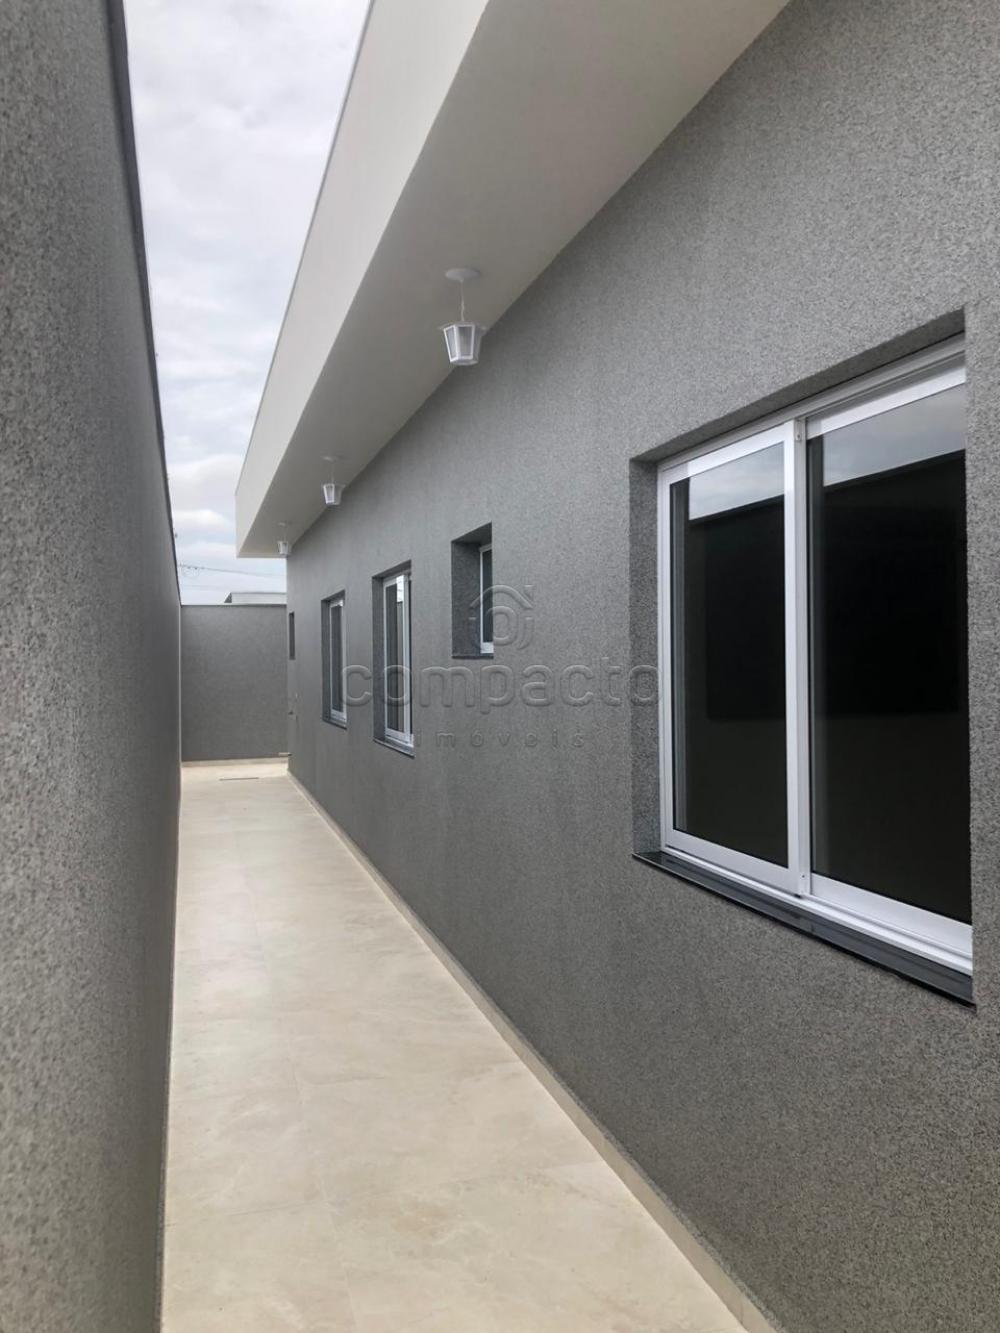 Comprar Casa / Padrão em São José do Rio Preto apenas R$ 480.000,00 - Foto 9